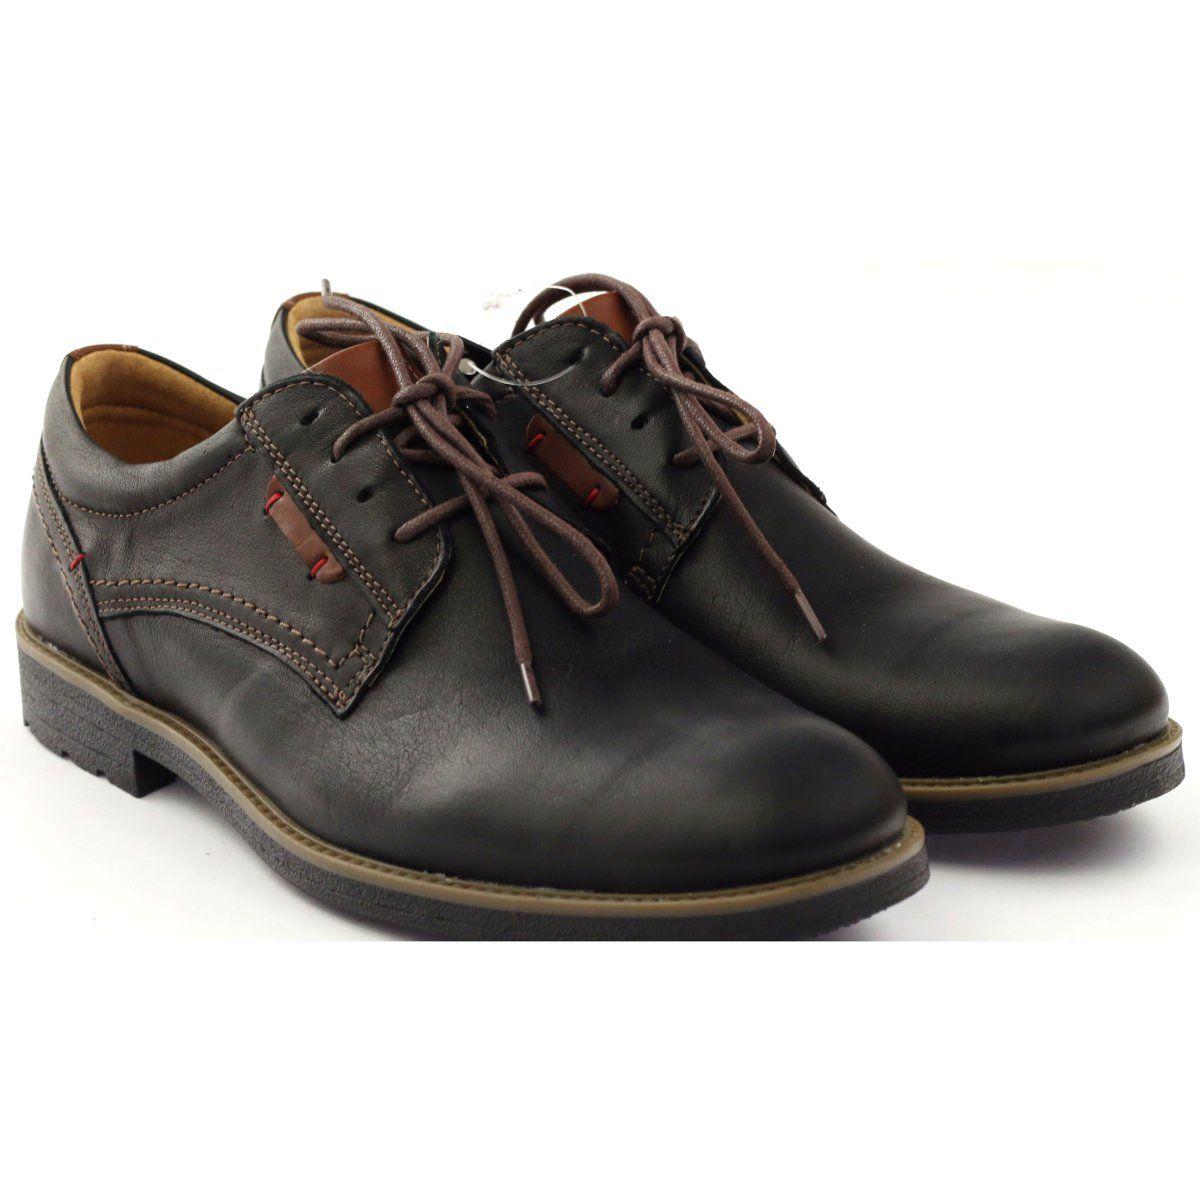 Riko Buty Meskie Polbuty Wiazane 823 Czarne Brazowe Dress Shoes Men Shoes Mens Oxford Shoes